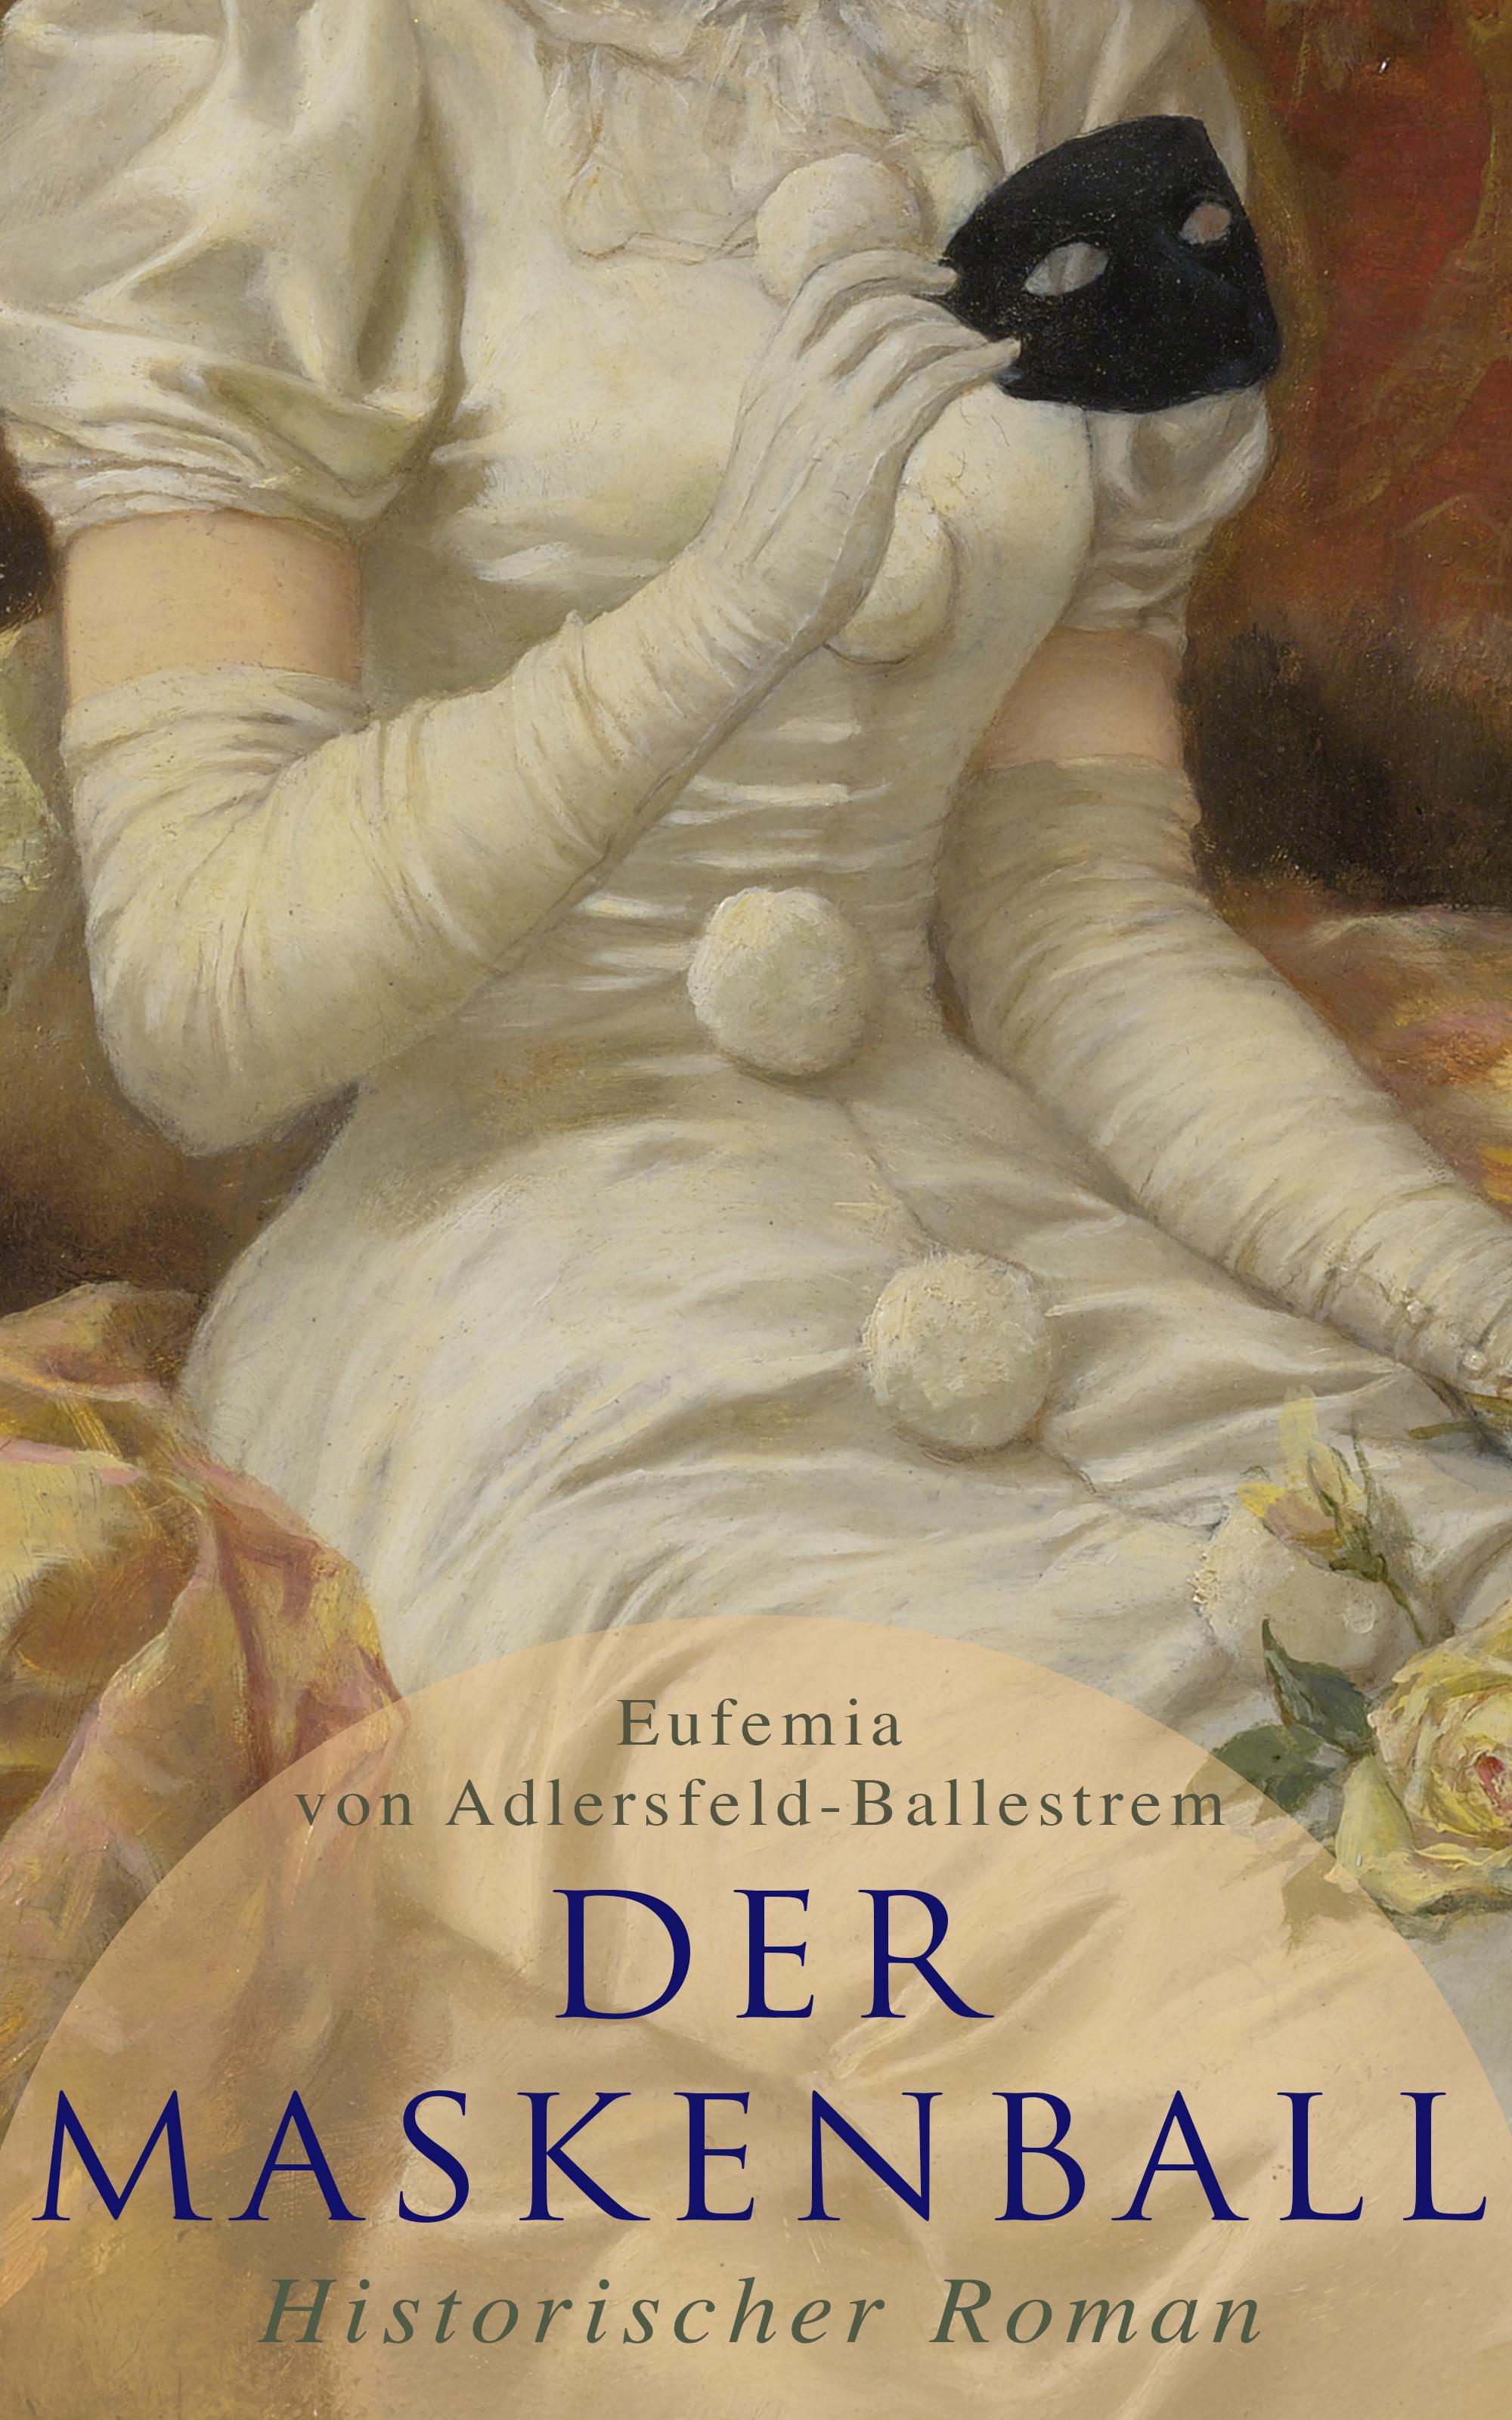 Eufemia von Adlersfeld-Ballestrem Der Maskenball (Historischer Roman) rebecca myga der deutsche regionalkrimi der roman vogelwild von richard auer